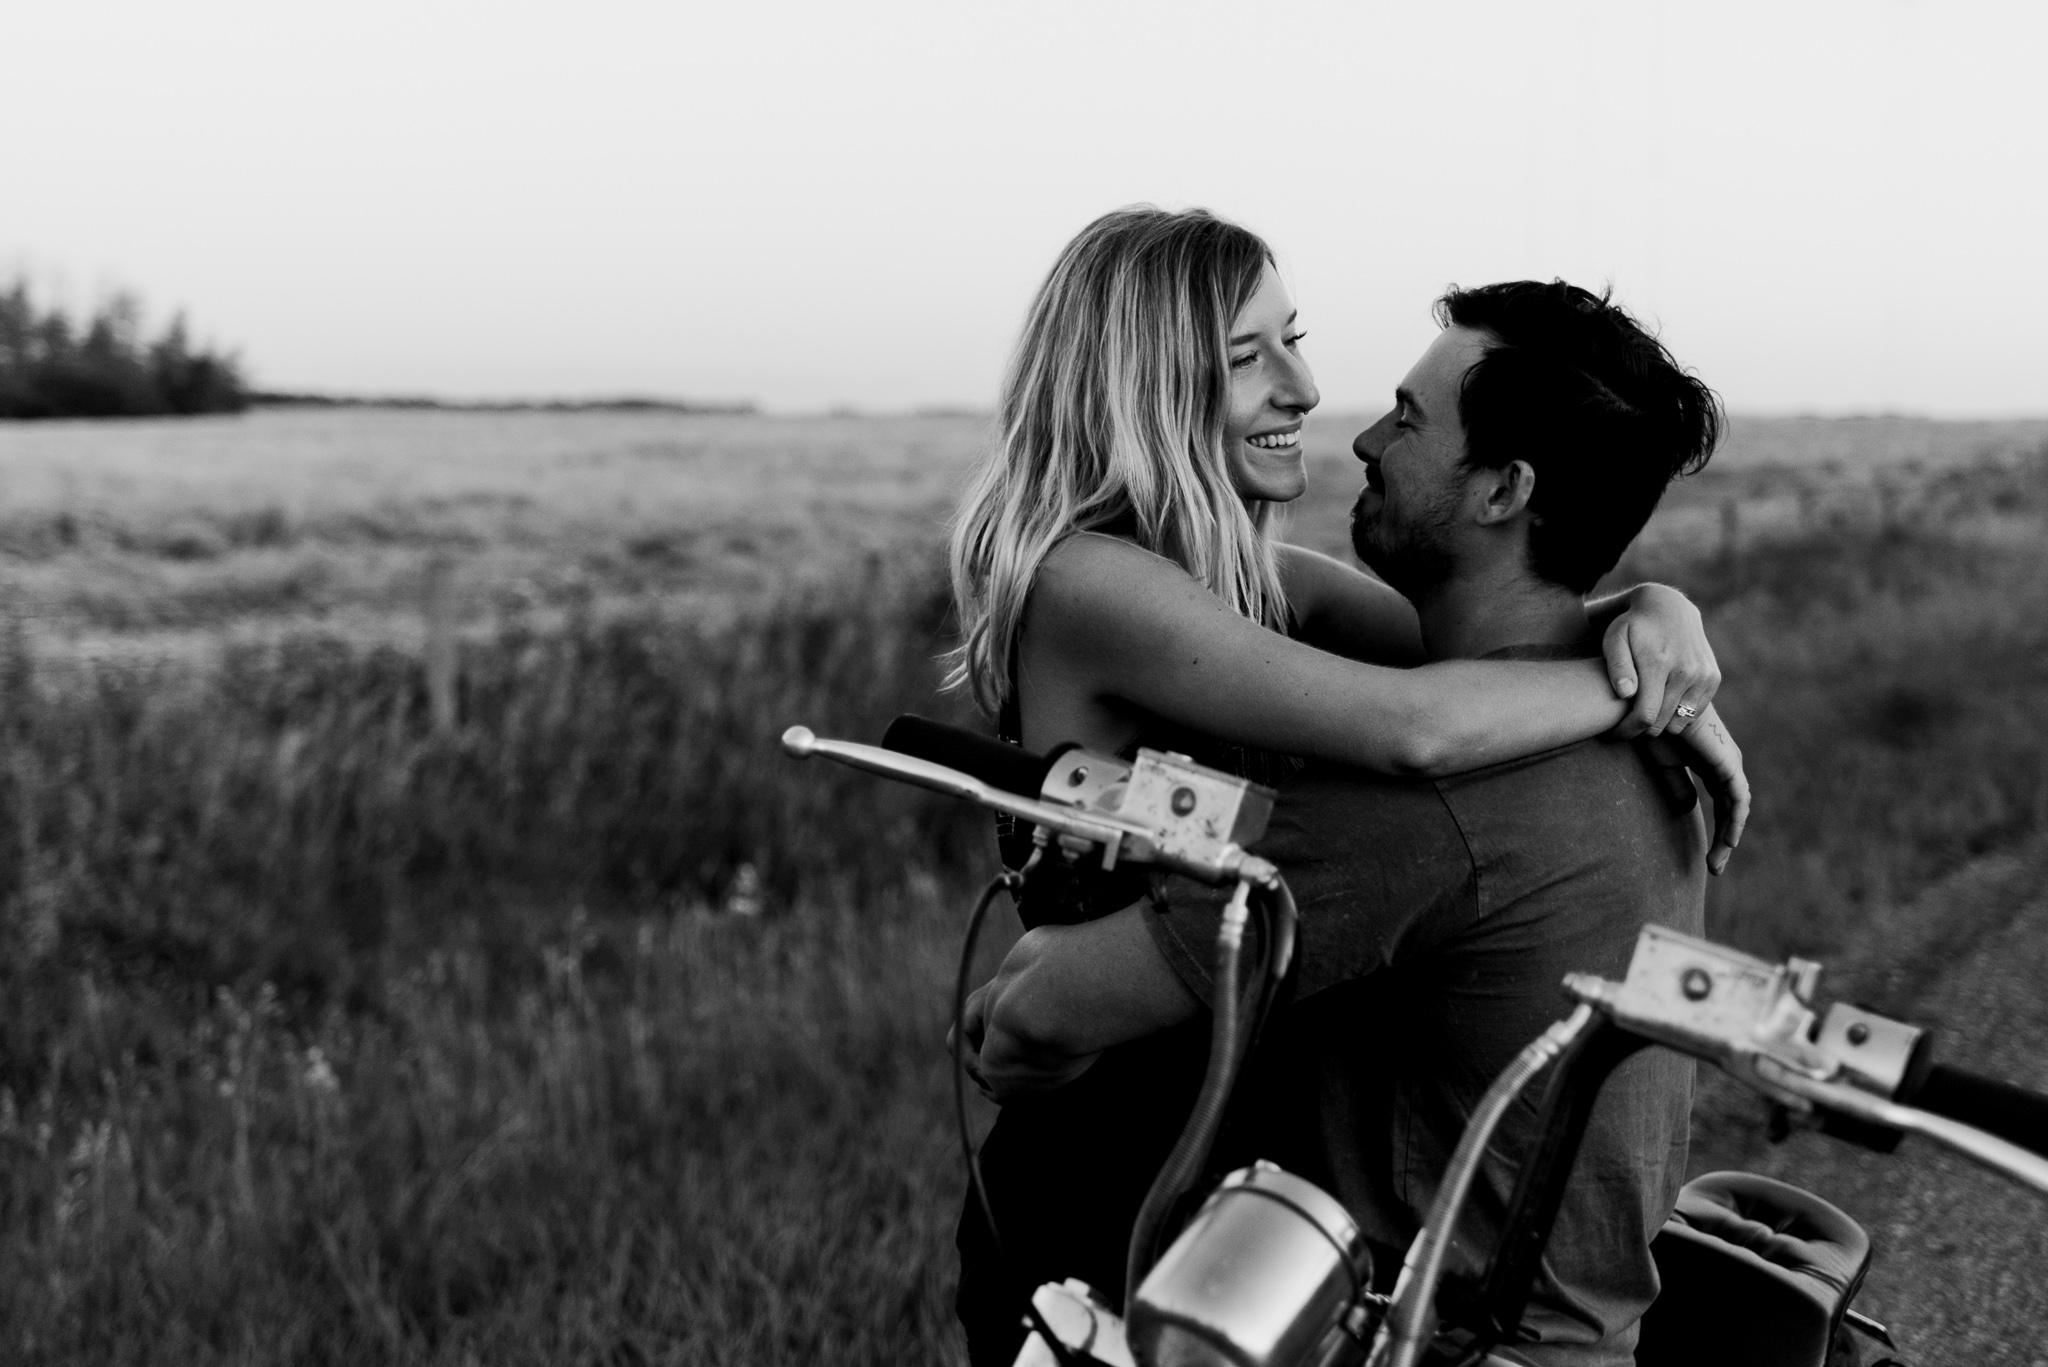 Motorcyclelovin-blog-121.jpg